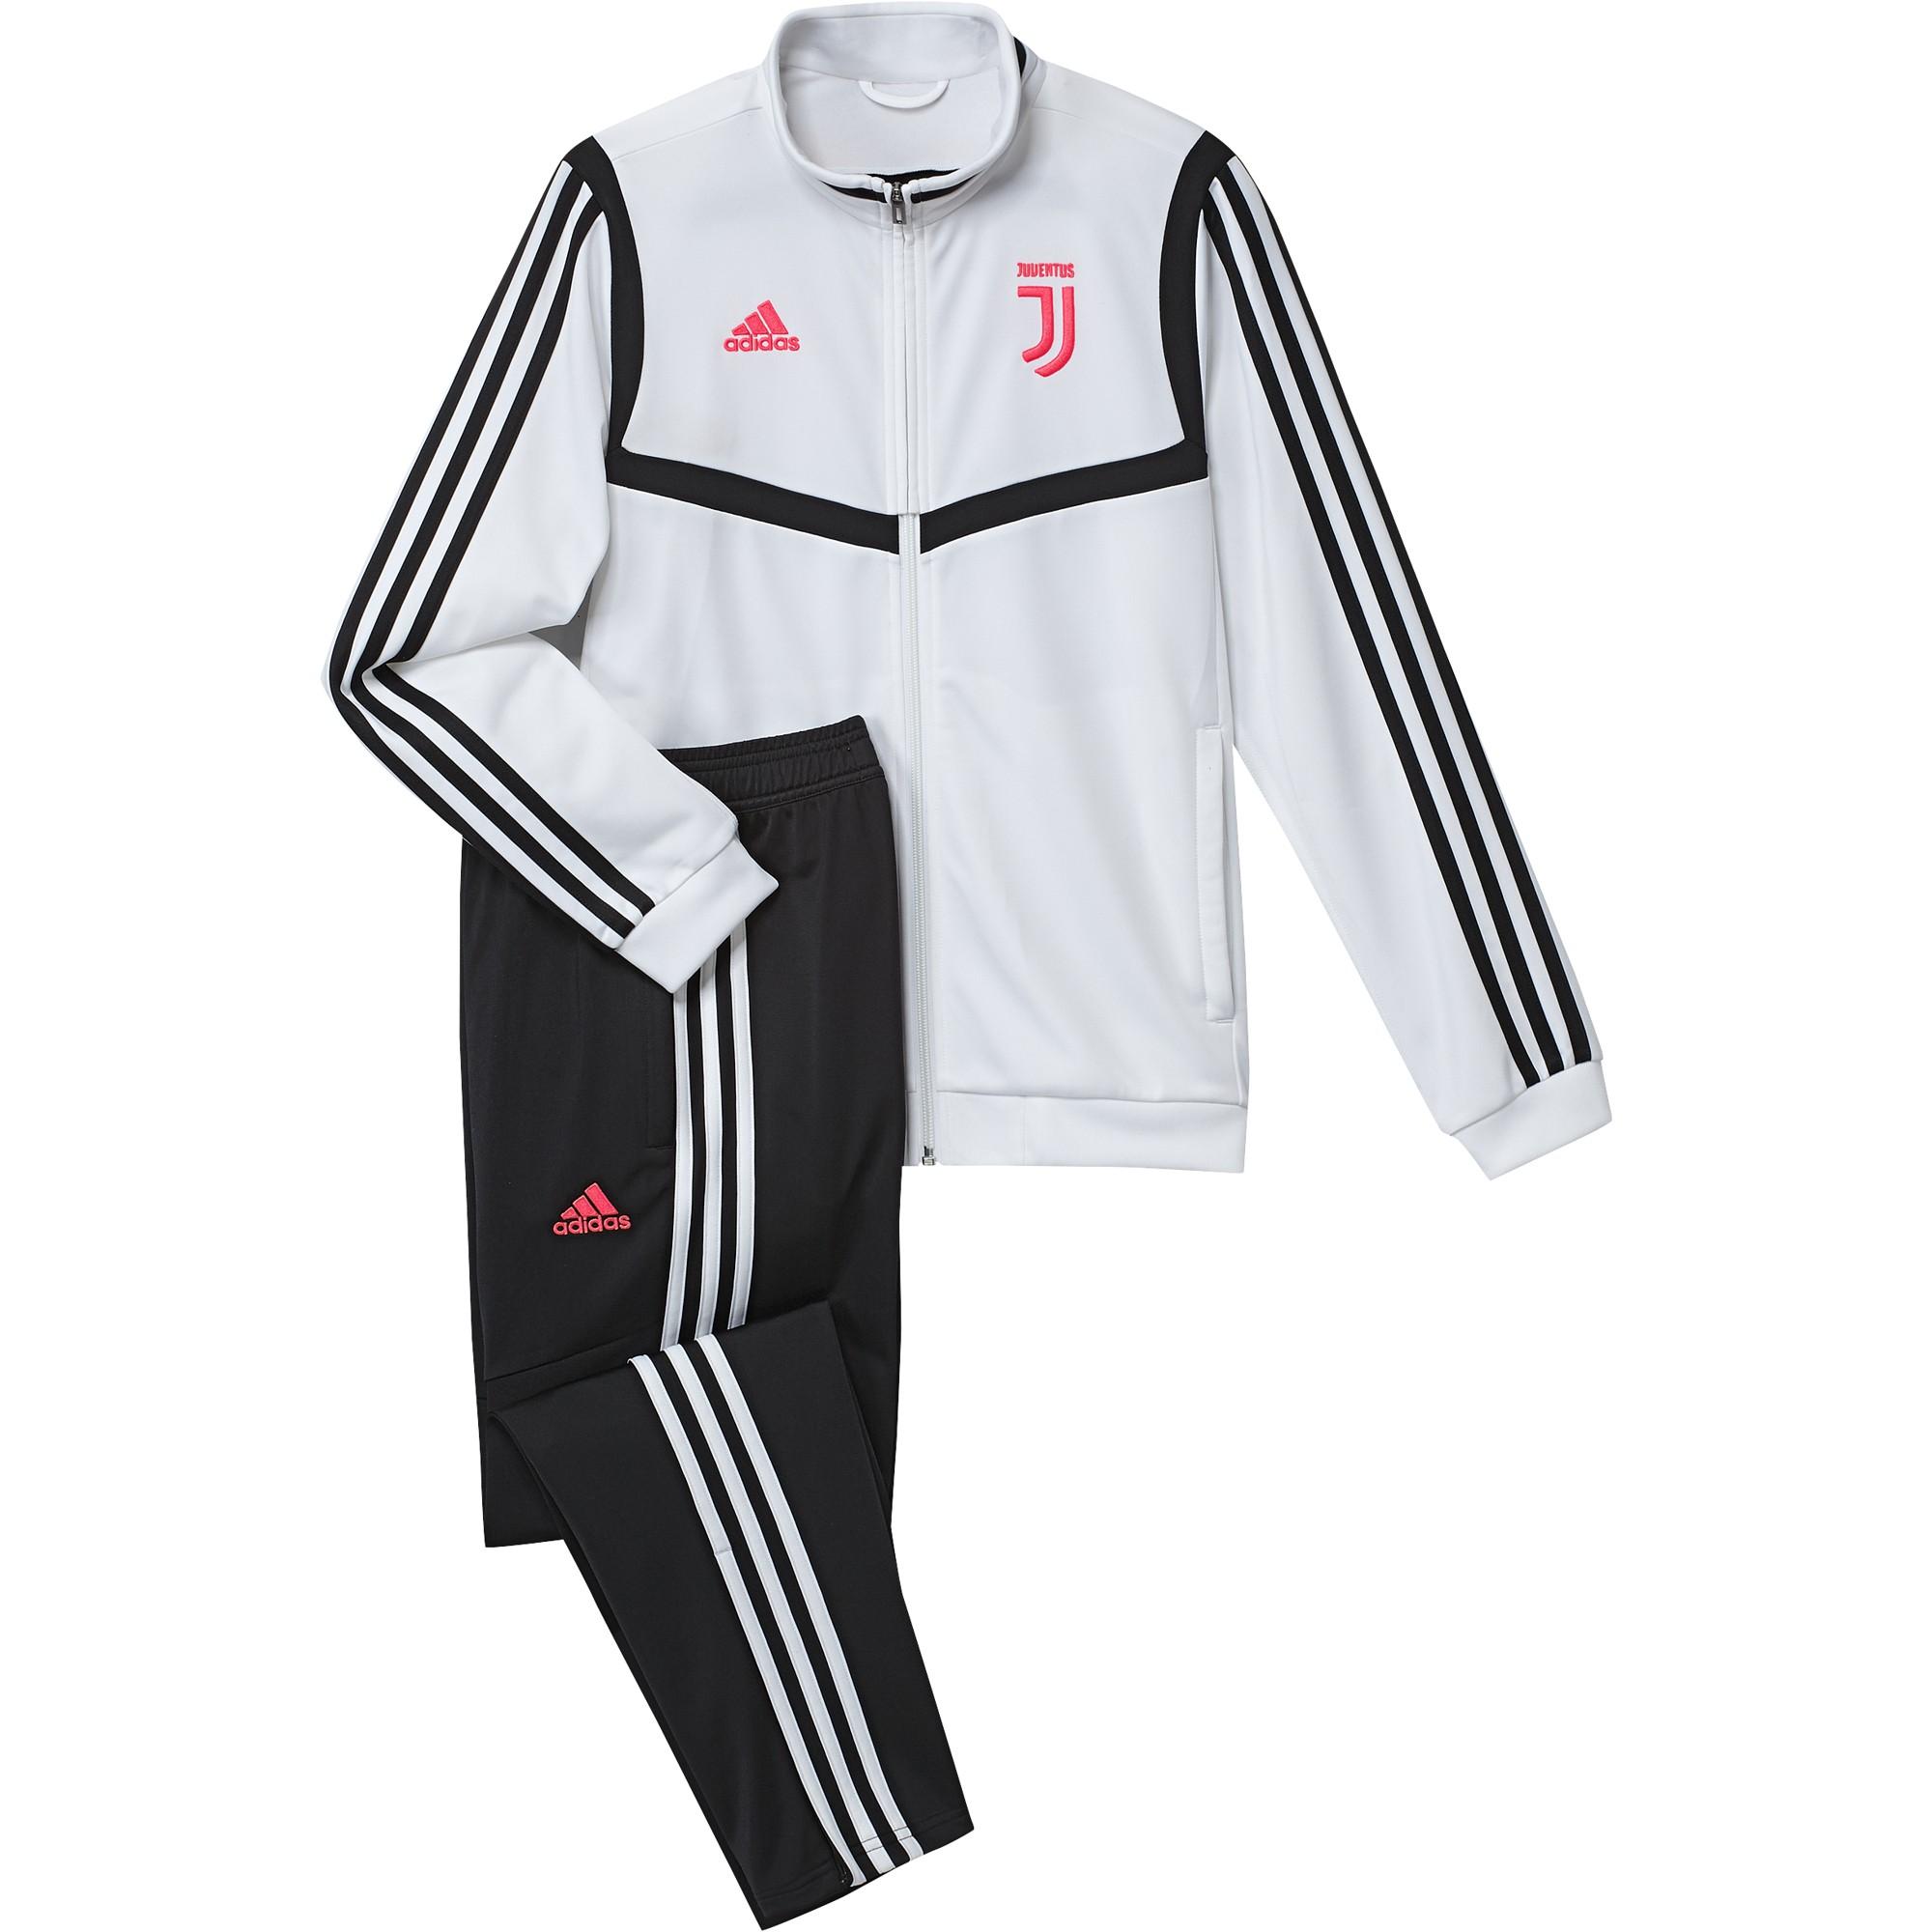 La Juventus de chándal de banco niño blanco 201920 Adidas